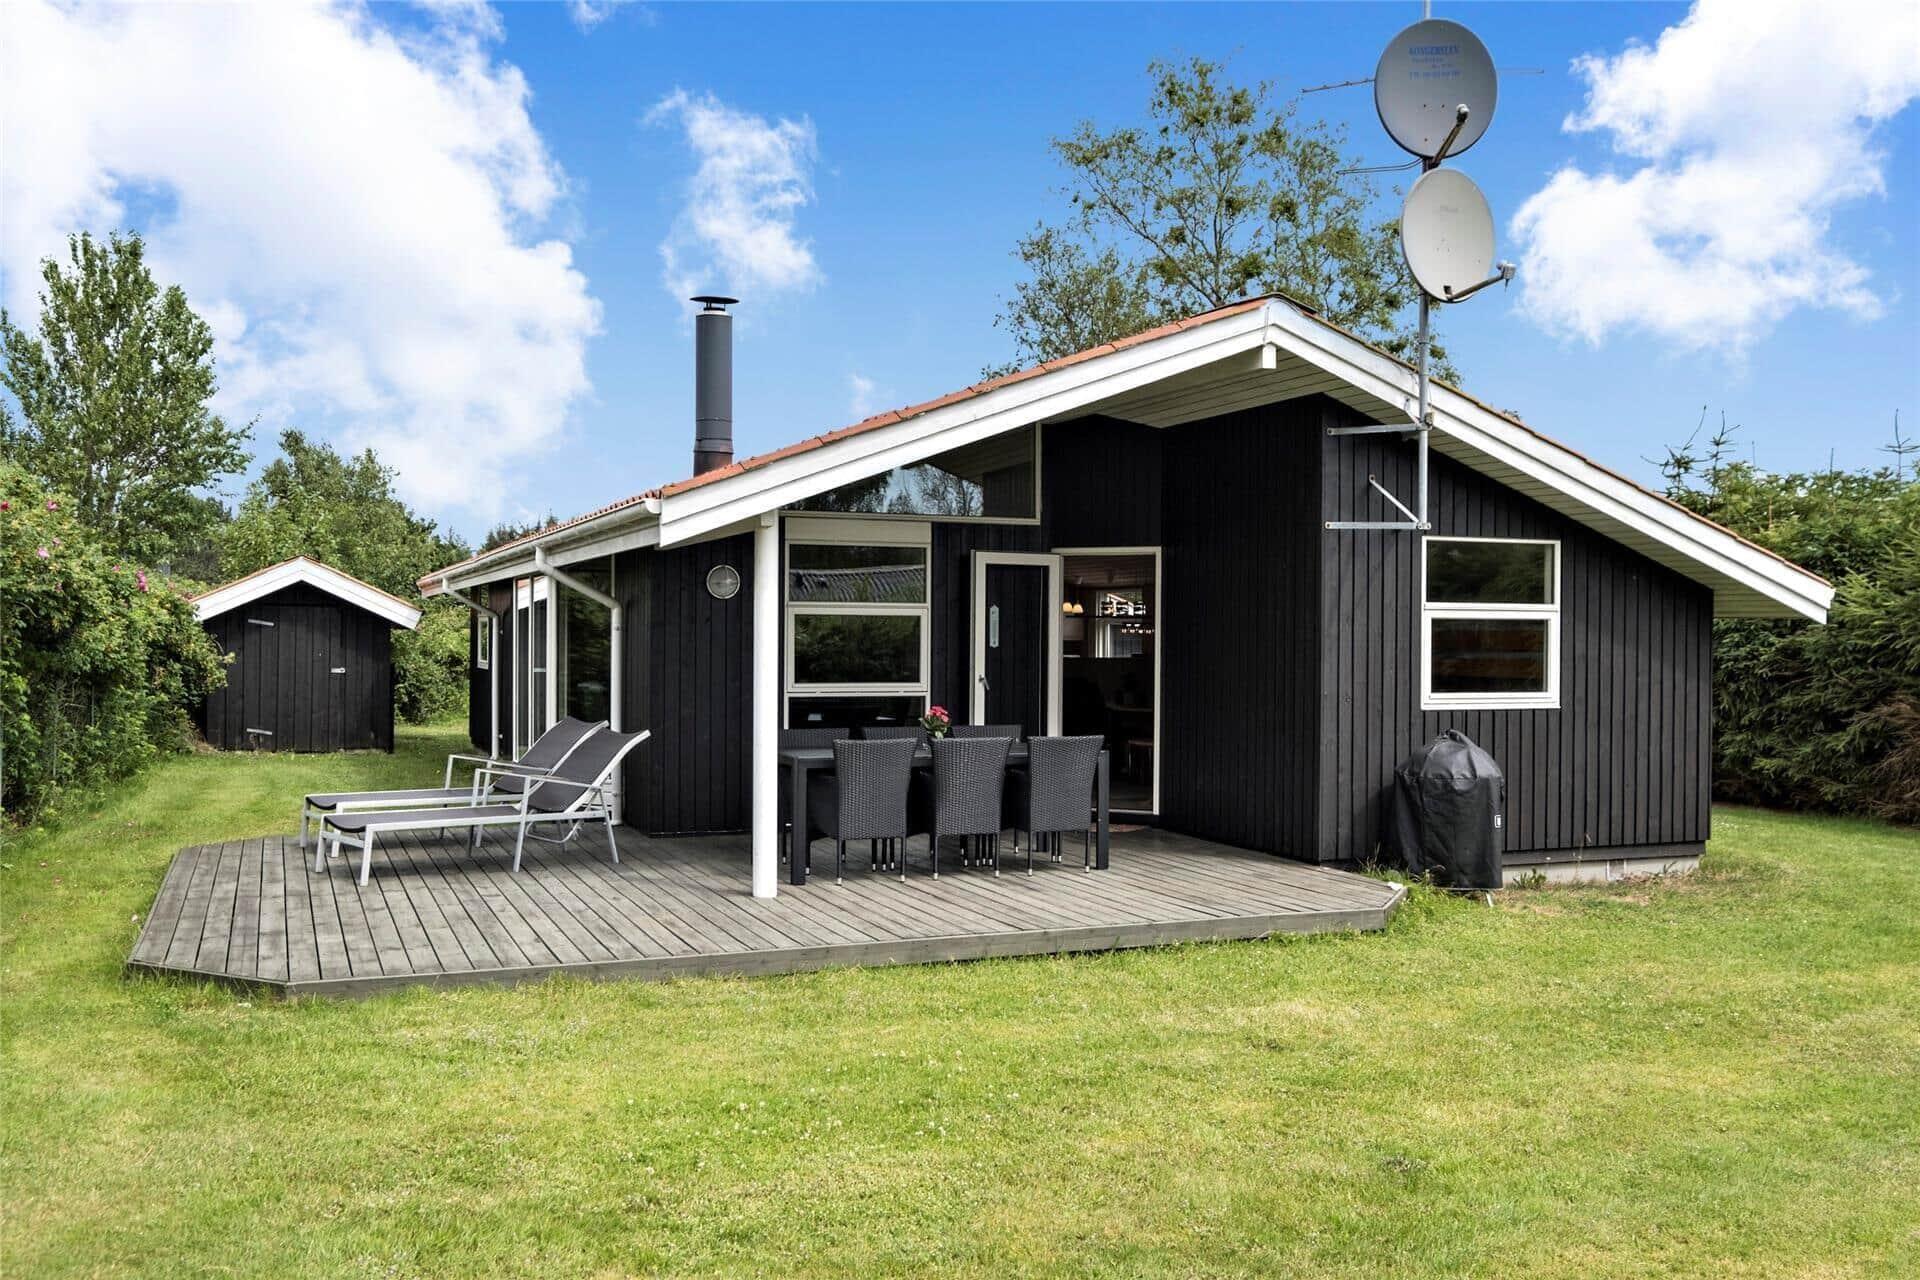 Billede 1-401 Sommerhus OH347, Haslevgaarde Strand 9, DK - 9560 Hadsund